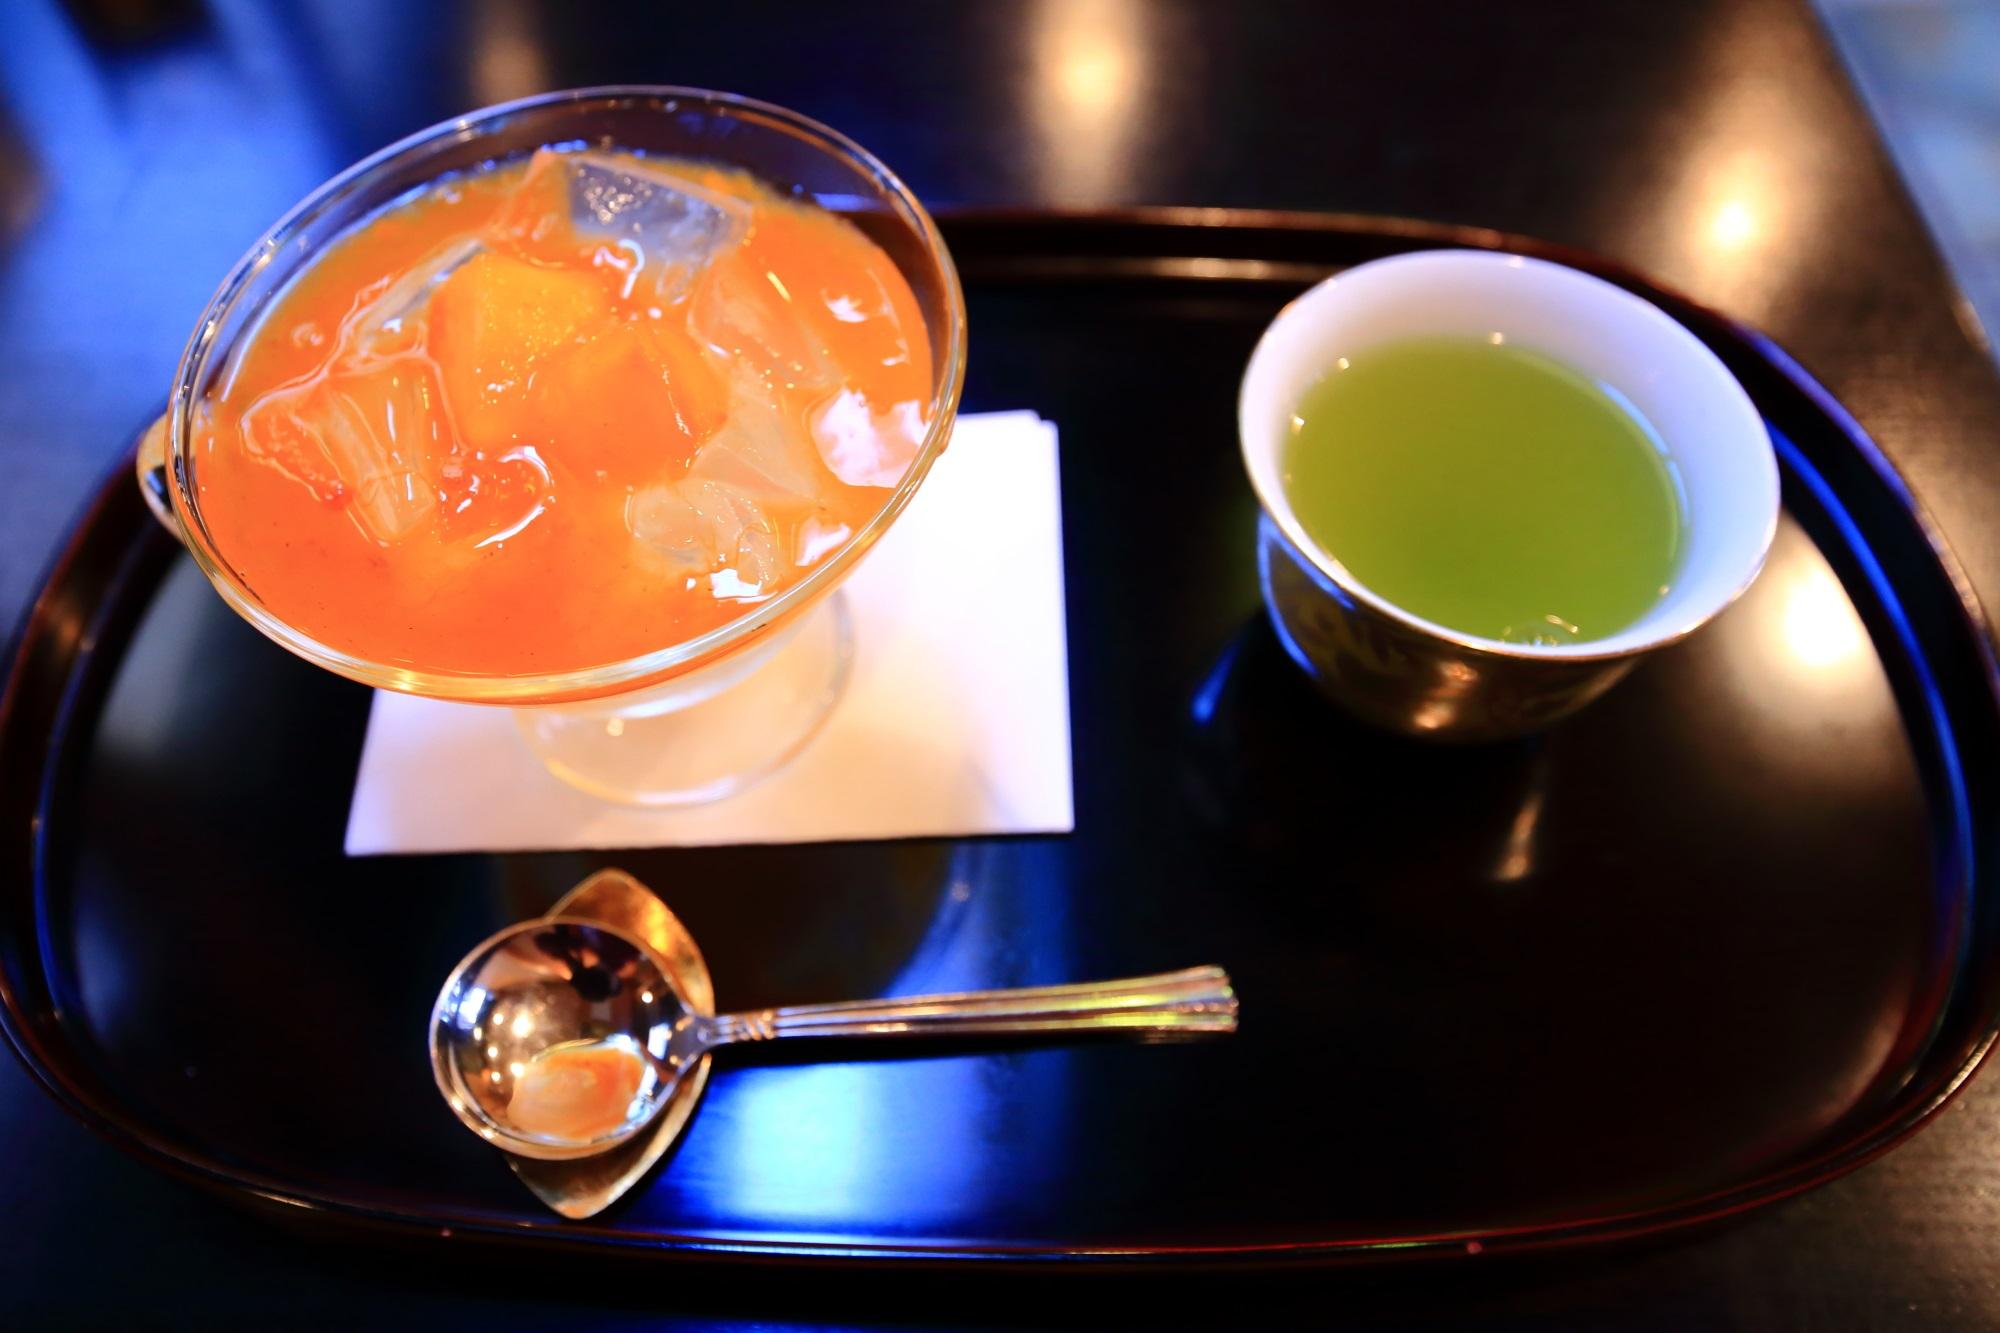 甘味処の大極殿 栖園(せいえん)の11月の柿味の琥珀流し(税込660円)